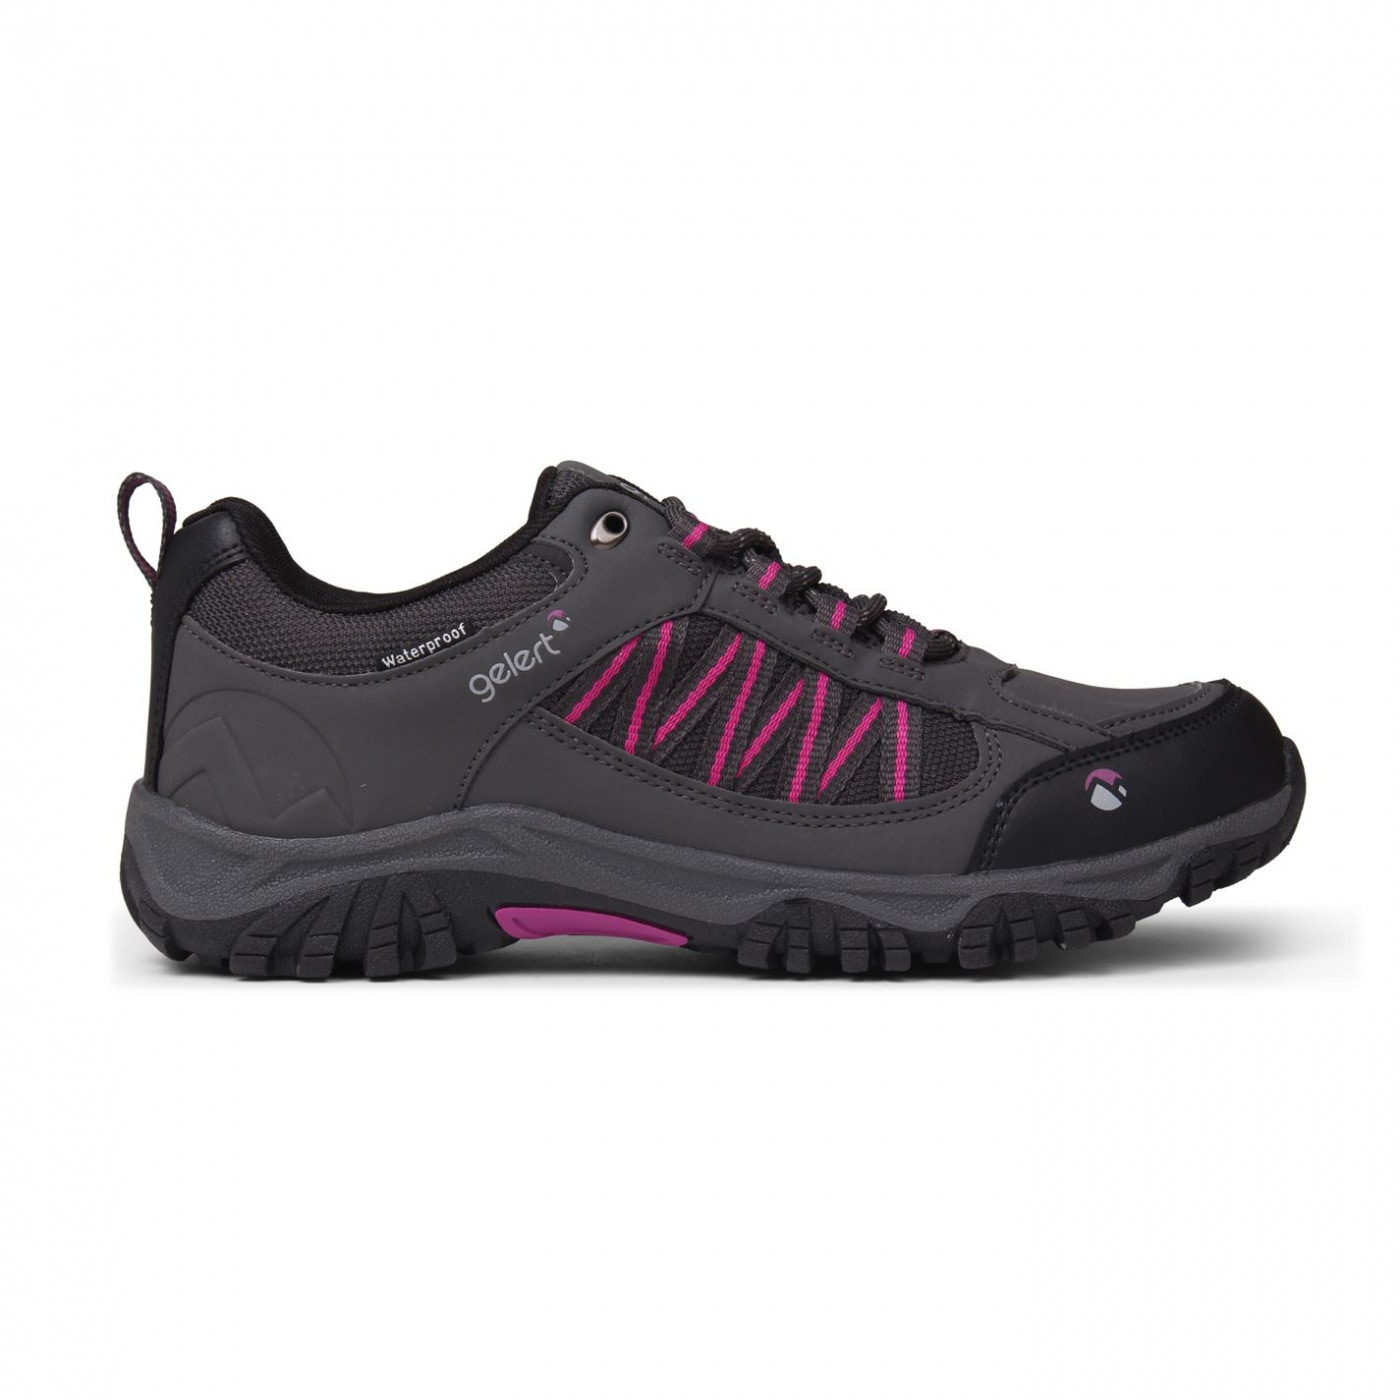 Gelert Horizon Low Ladies Waterproof Walking Shoes